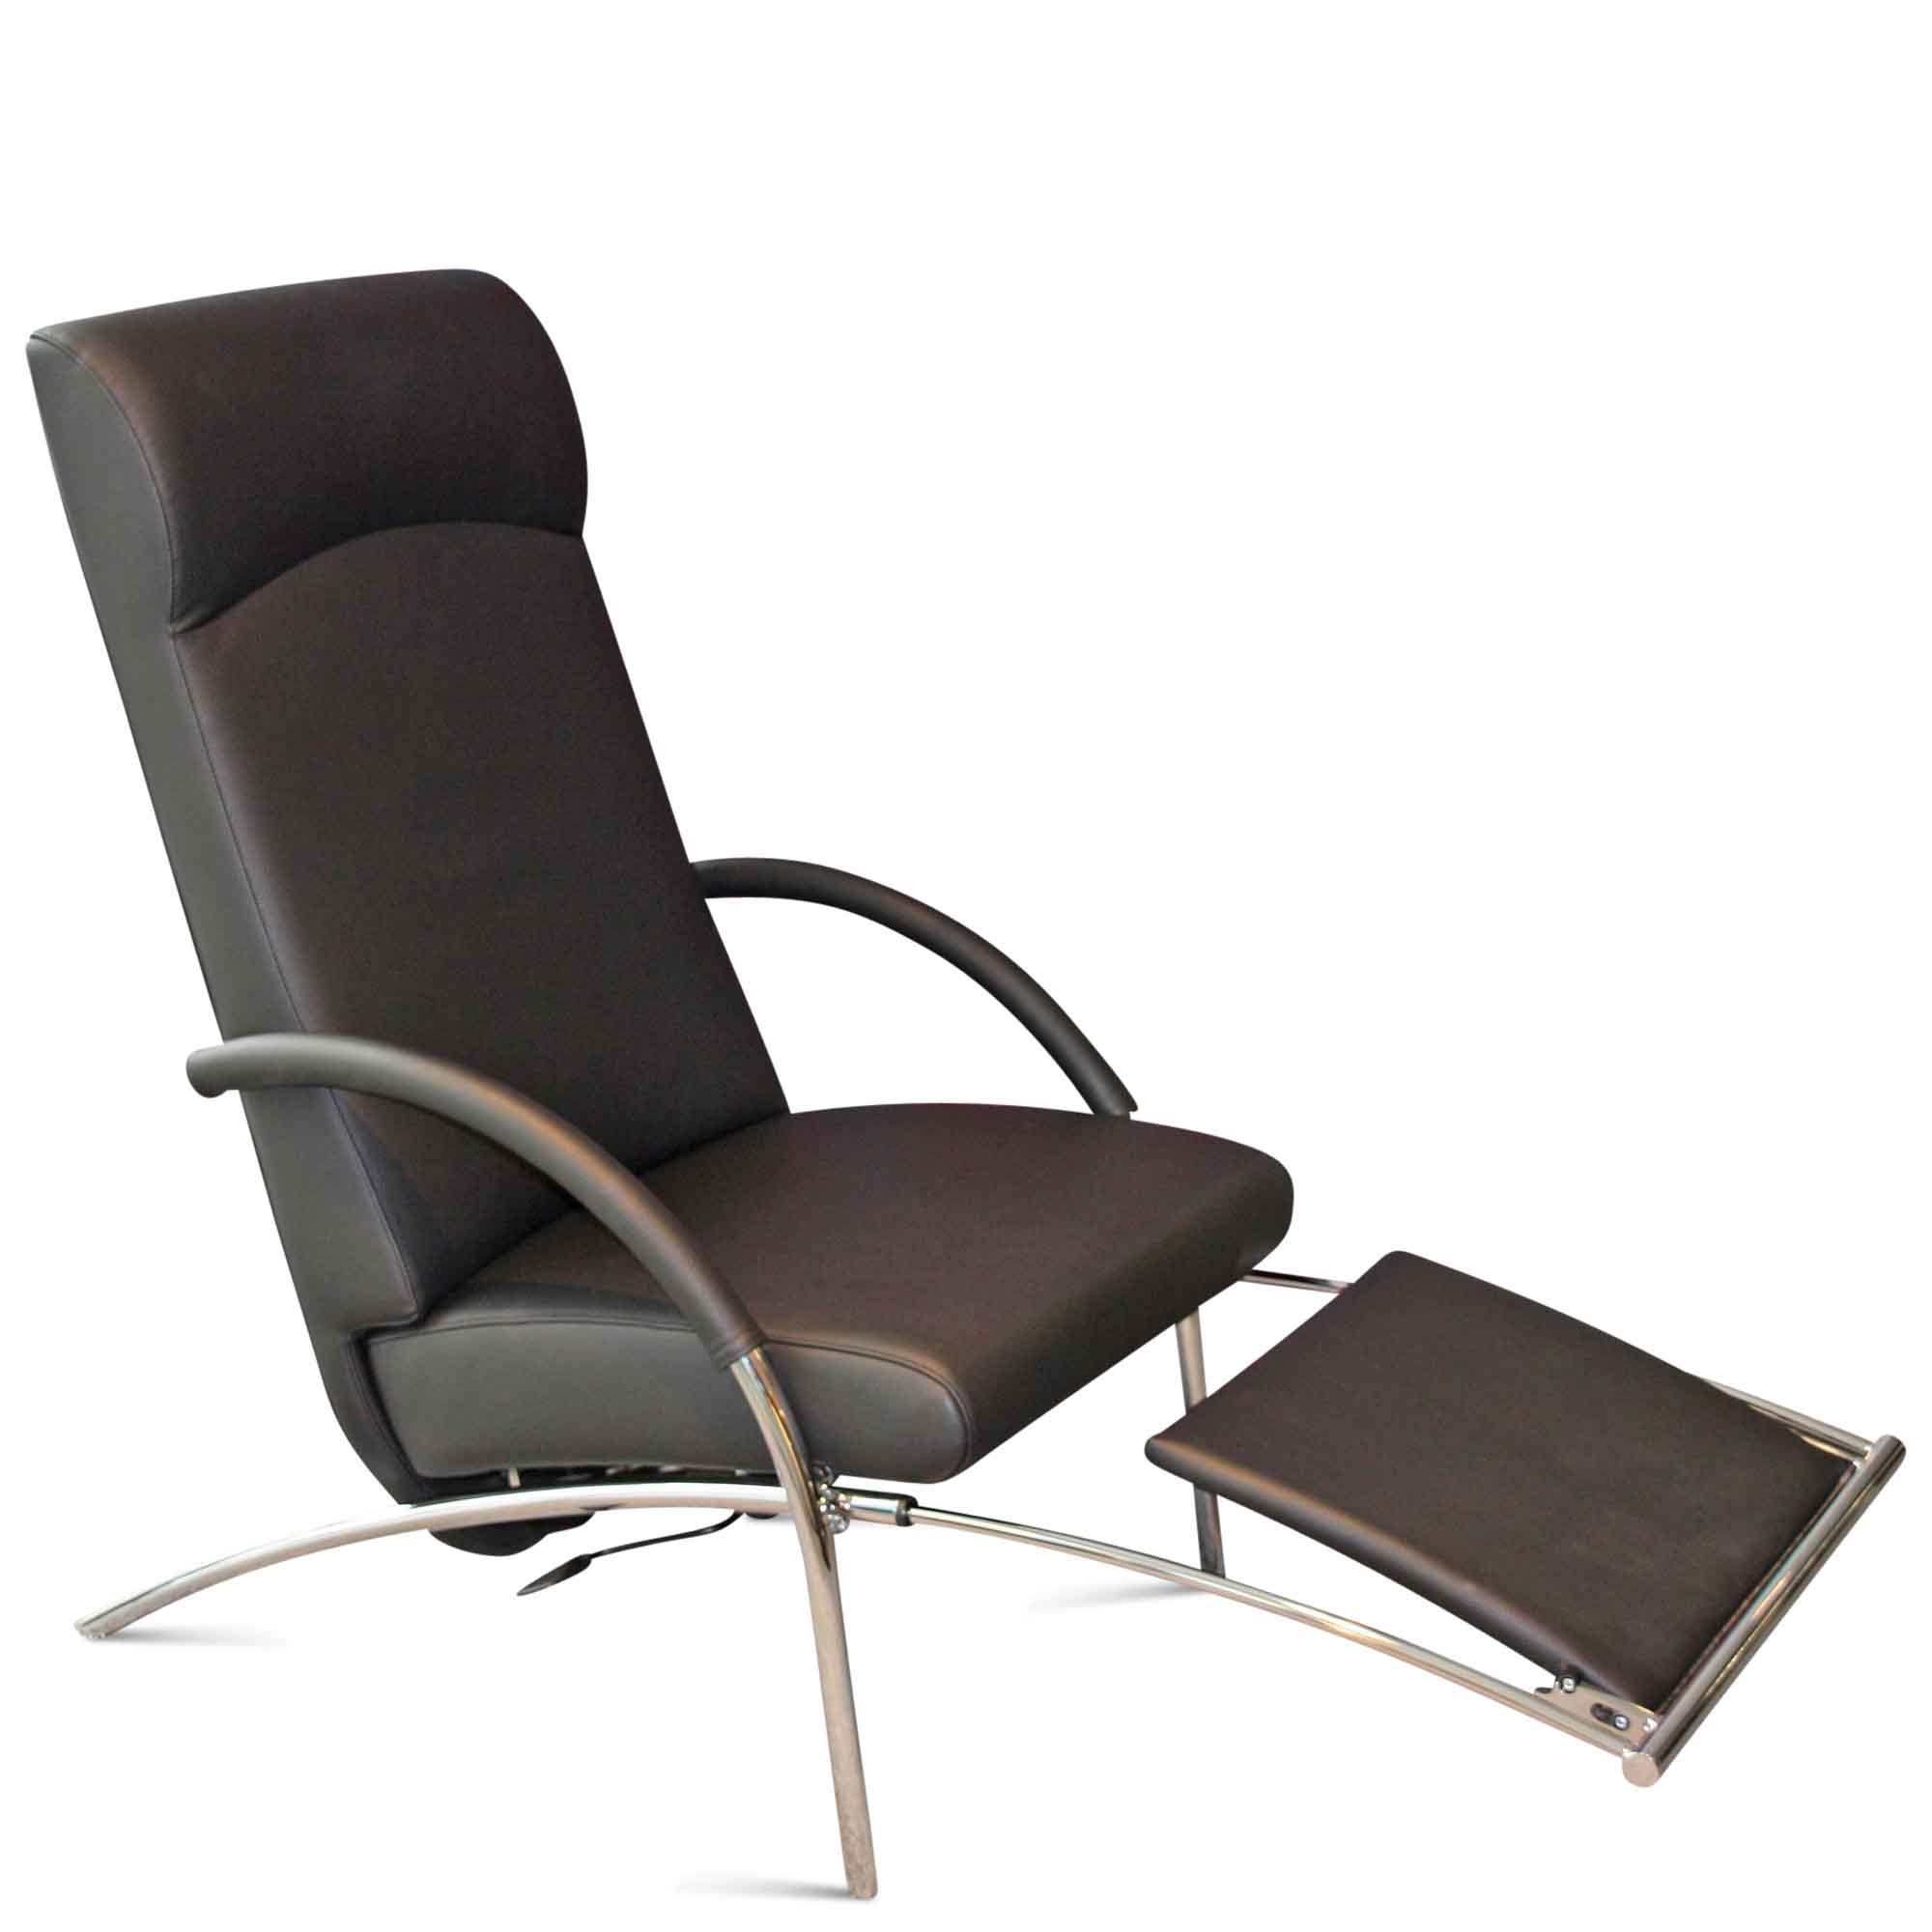 sessel curve ip design sessel g nstig kaufen m belfirst. Black Bedroom Furniture Sets. Home Design Ideas